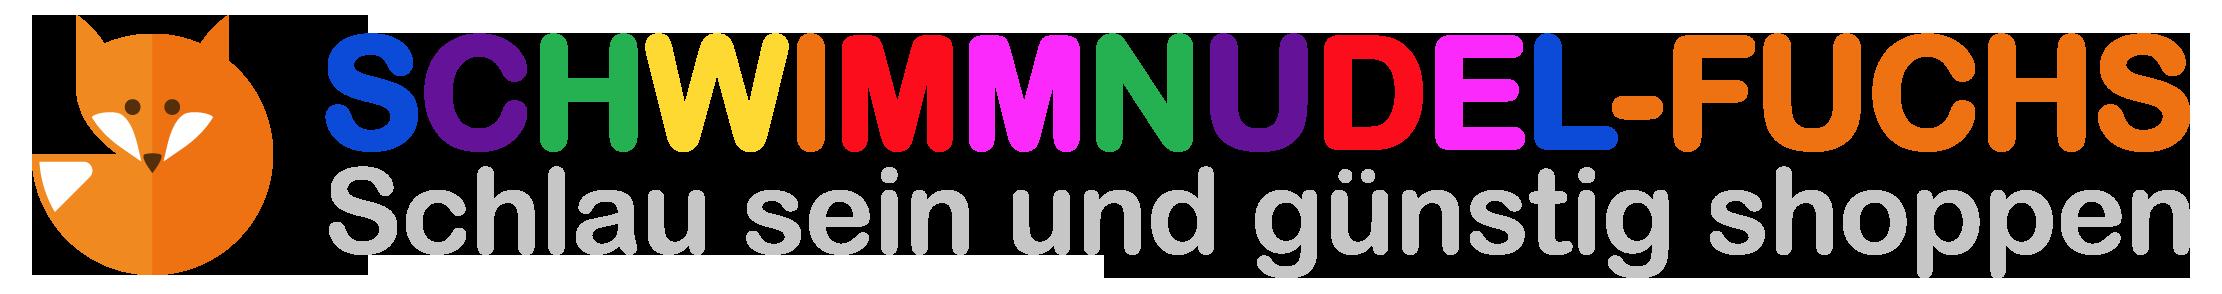 Die neuesten Rabattaktionen und Coupons von schwimmnudel-fuchs.de / Koste / Weitzel GbR